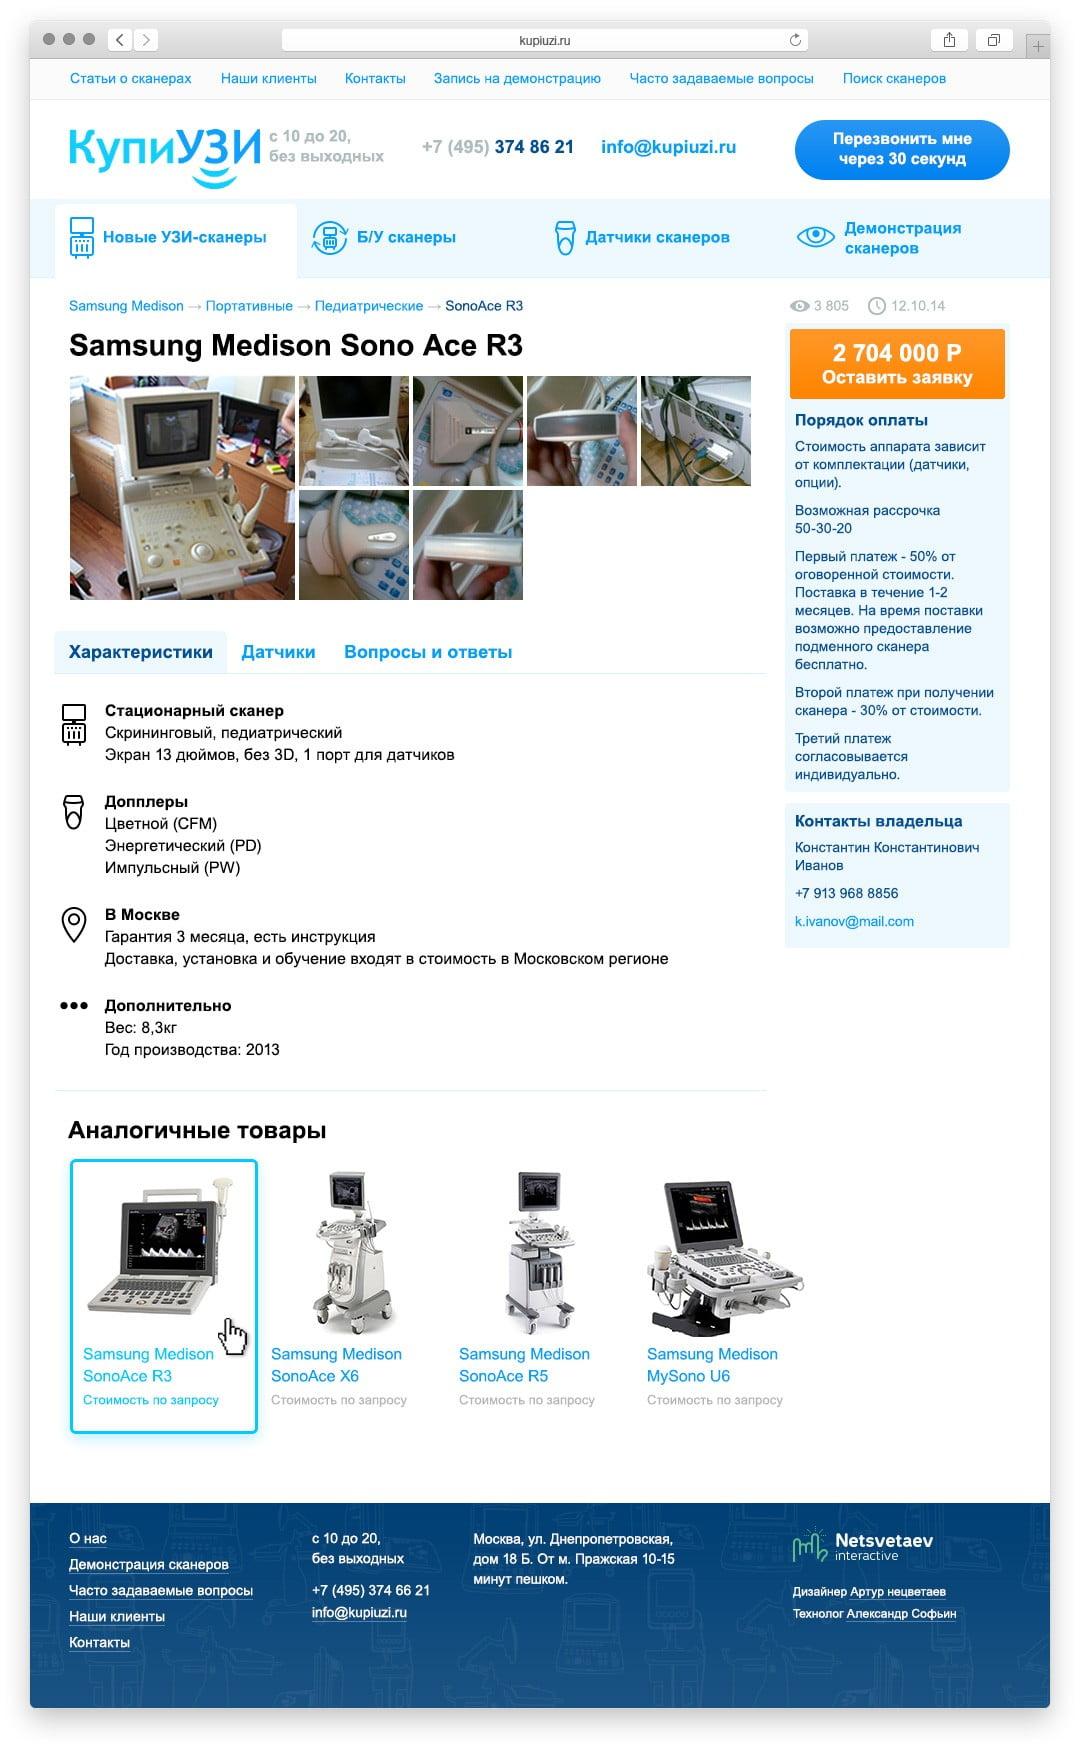 Третья версия Kupiuzi.ru Сайт Артура Нецветаева — сайты, приложения, прототипы и оформление интерфейсов browser product character